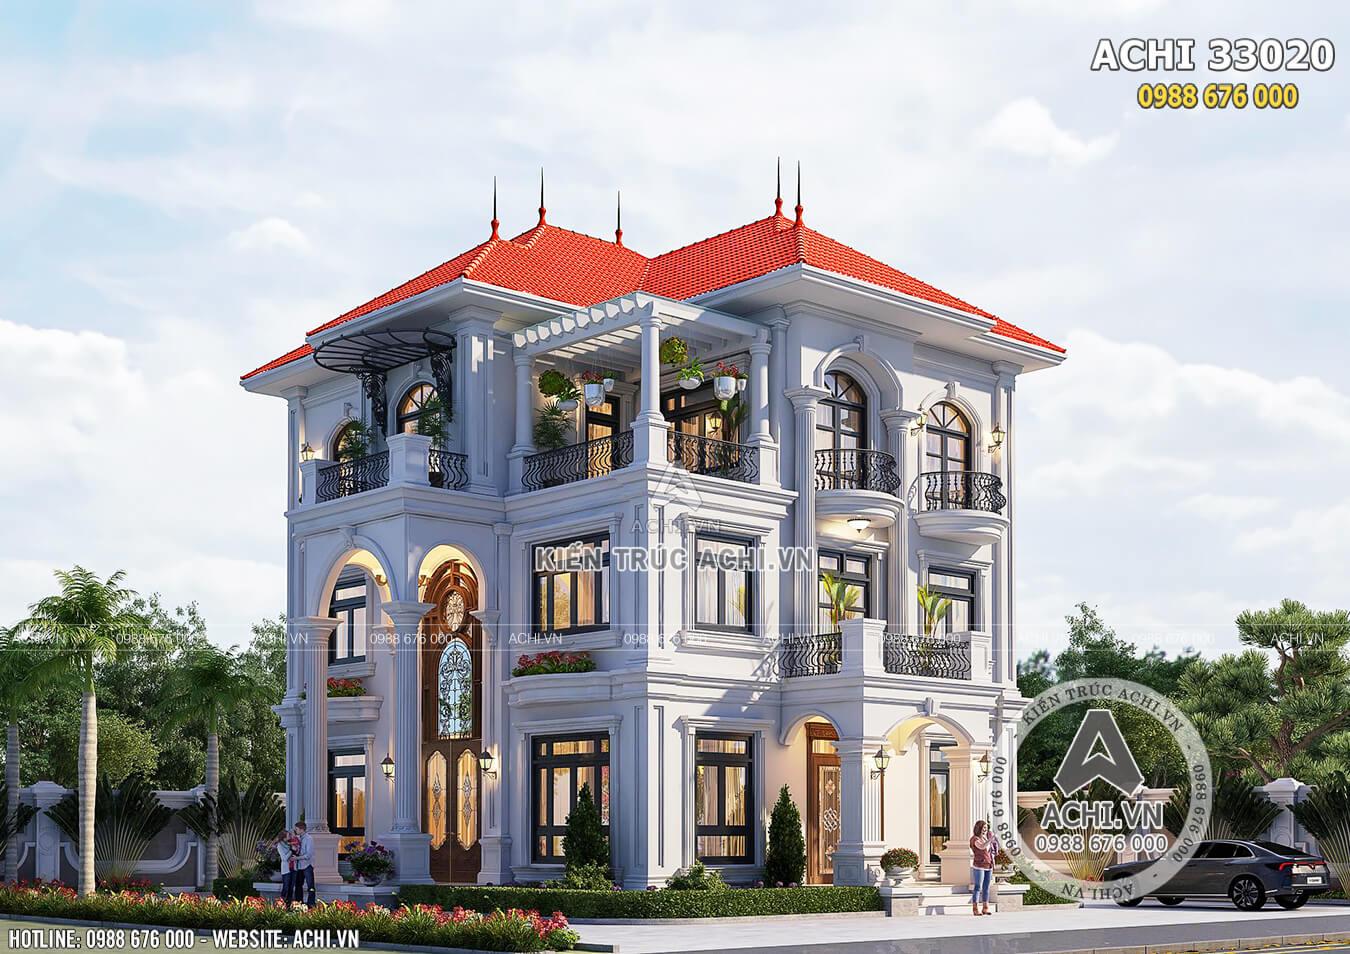 Hình ảnh: Mặt tiền mẫu thiết kế biệt thự 3 tầng đẹp ấn tượng– ACHI 33020